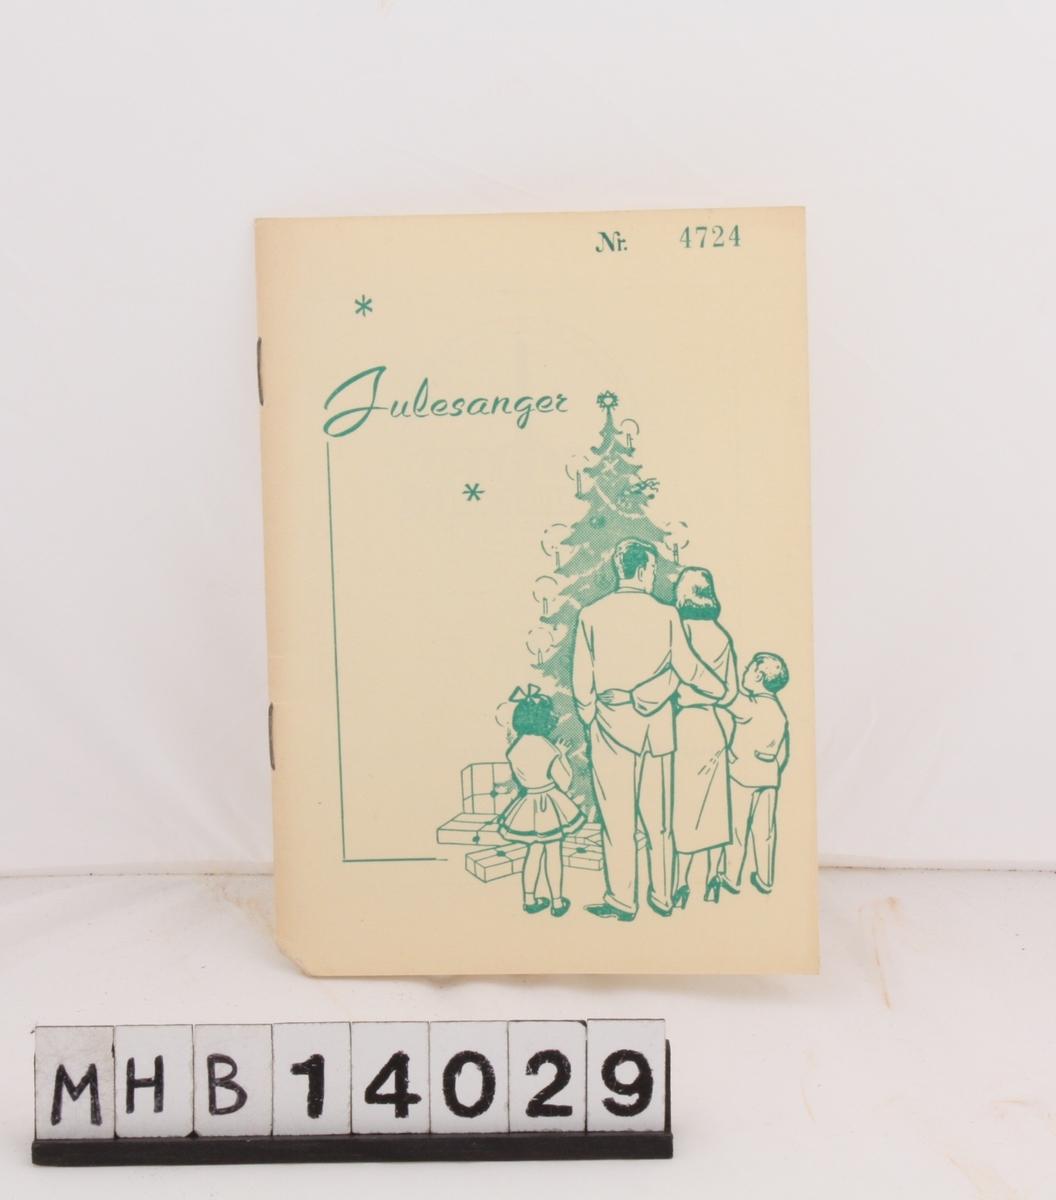 Rektangulært hefte med julesanger. På fortiden er et motiv som viser en familie ved et pyntet juletre med gaver under. Foruten sangtekster inneholder heftet en rekke lokale bedriftslogoer.